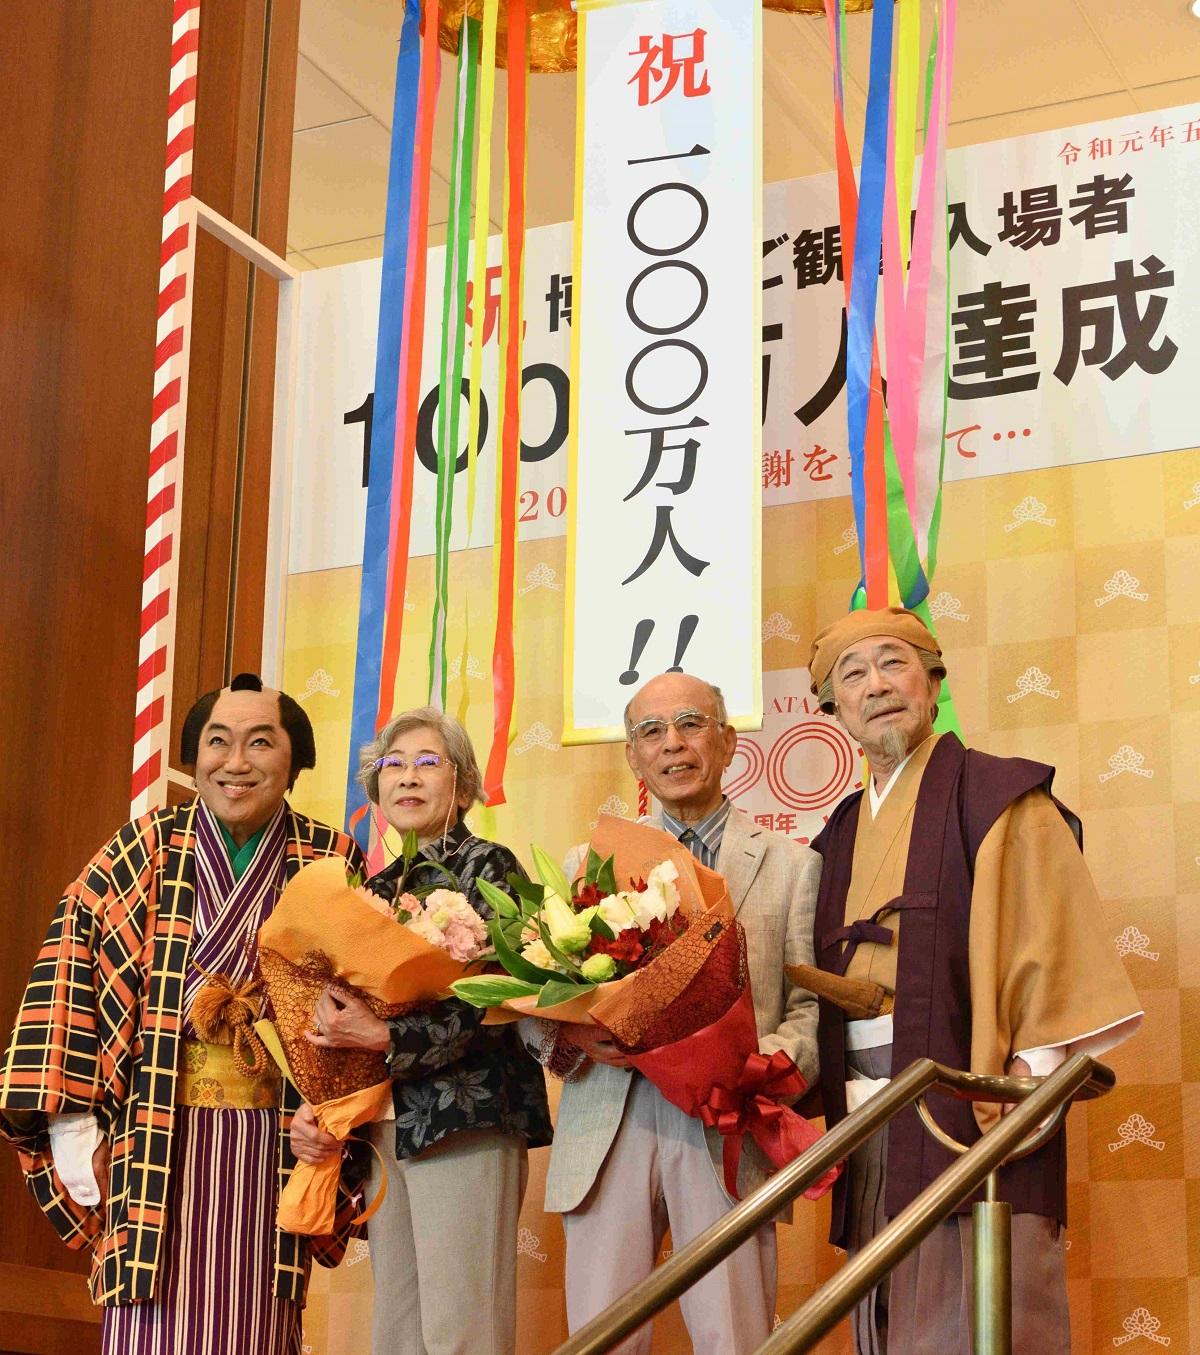 写真・図版 : 博多座の1000万人目の入場者となった夫妻を祝う武田鉄矢さん(右)とコロッケさん(左)=2019年5月10日